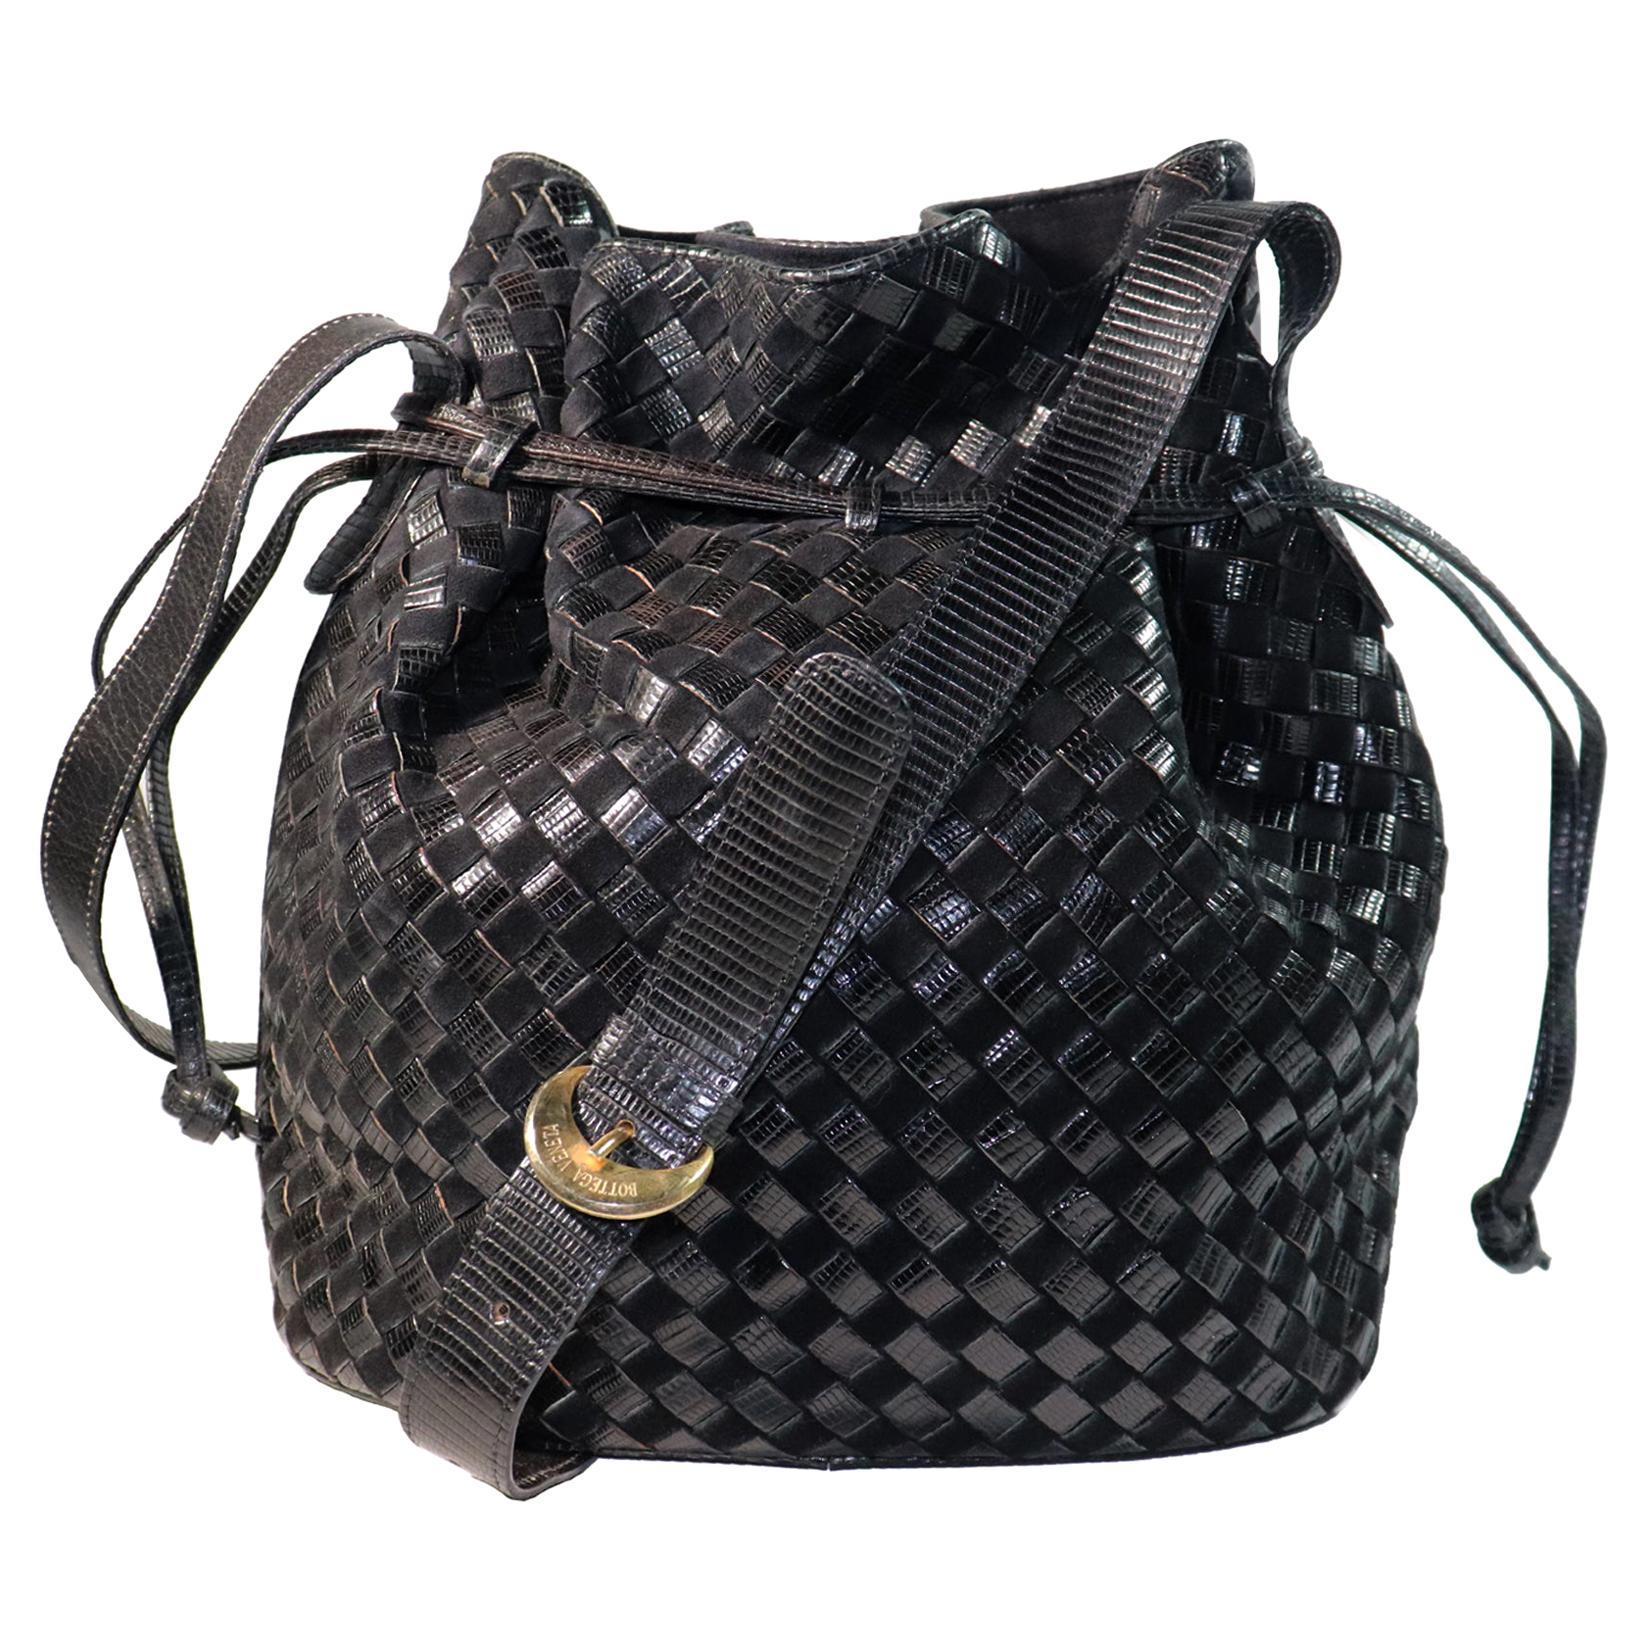 Bottega Veneta Black Classic Woven Drawstring Bag